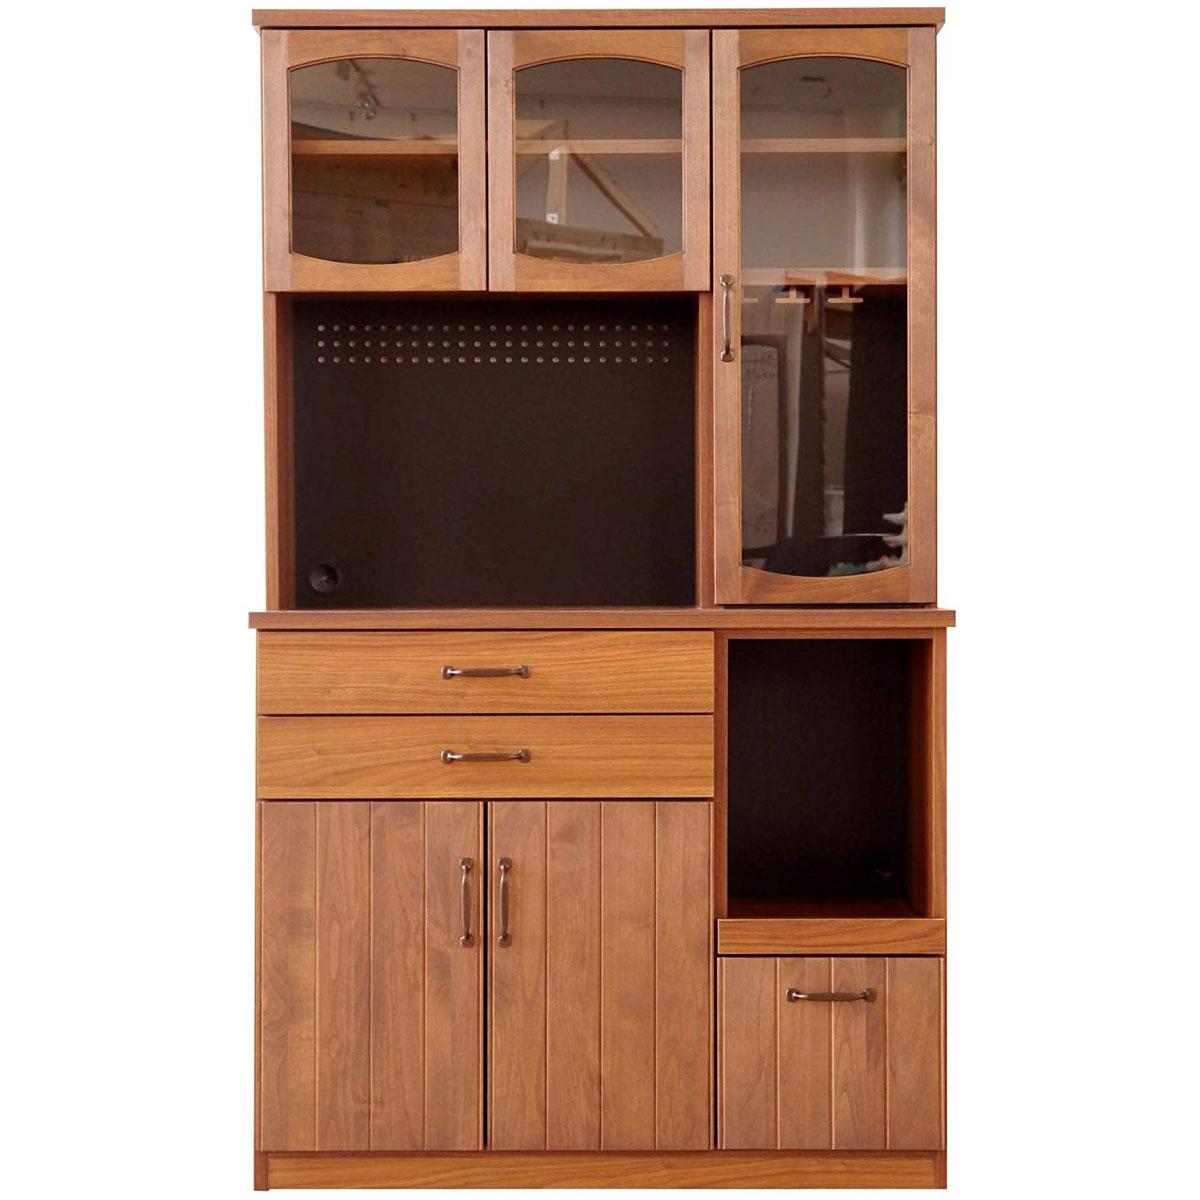 【送料無料】 105 カップボード 食器棚 キッチンボード カップボード シェルフ 幅105 大型